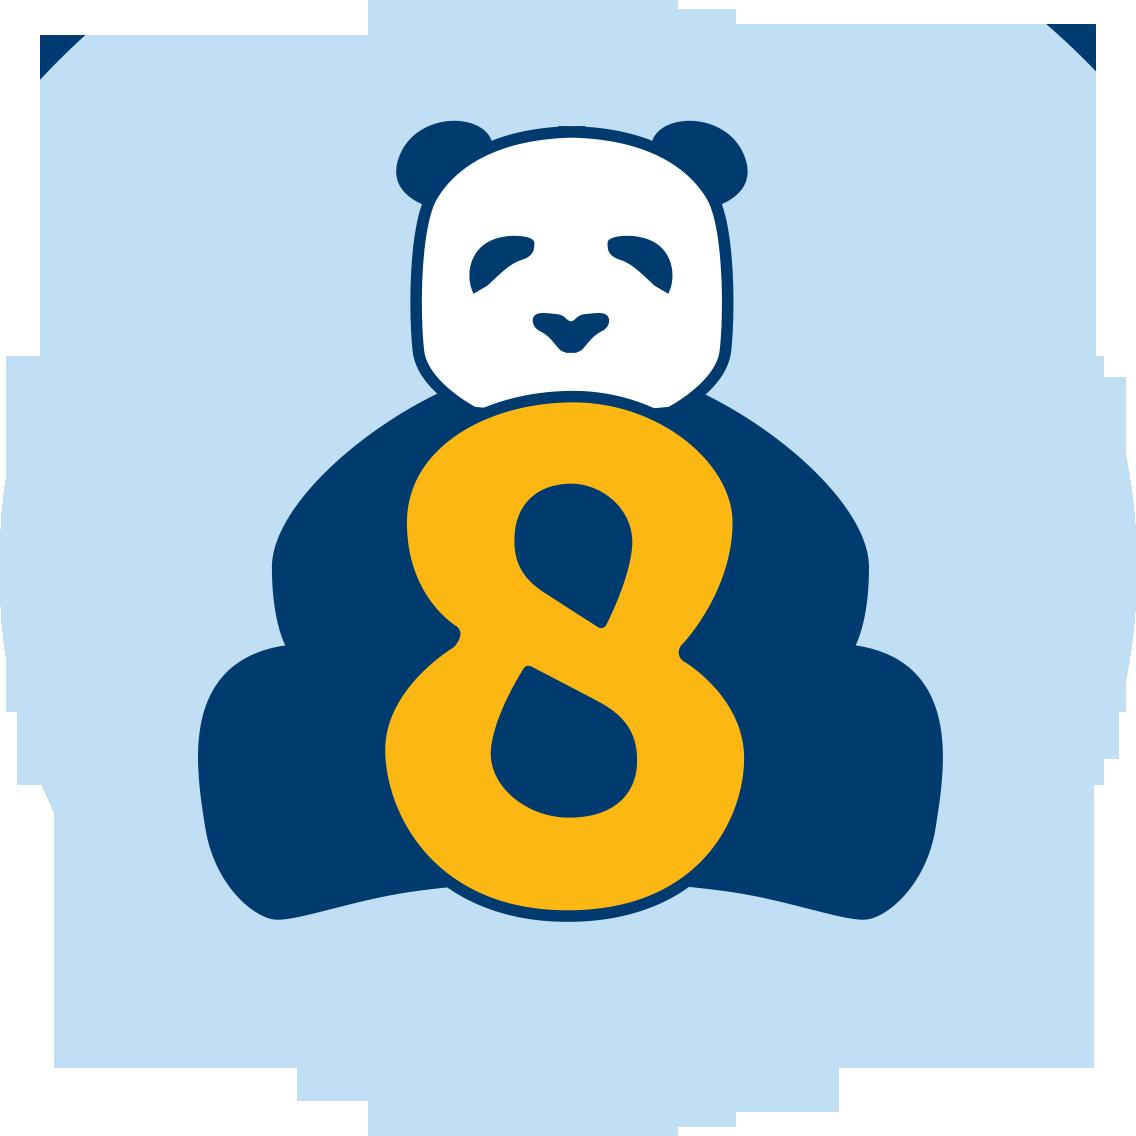 Un panda assis derrière un 8.